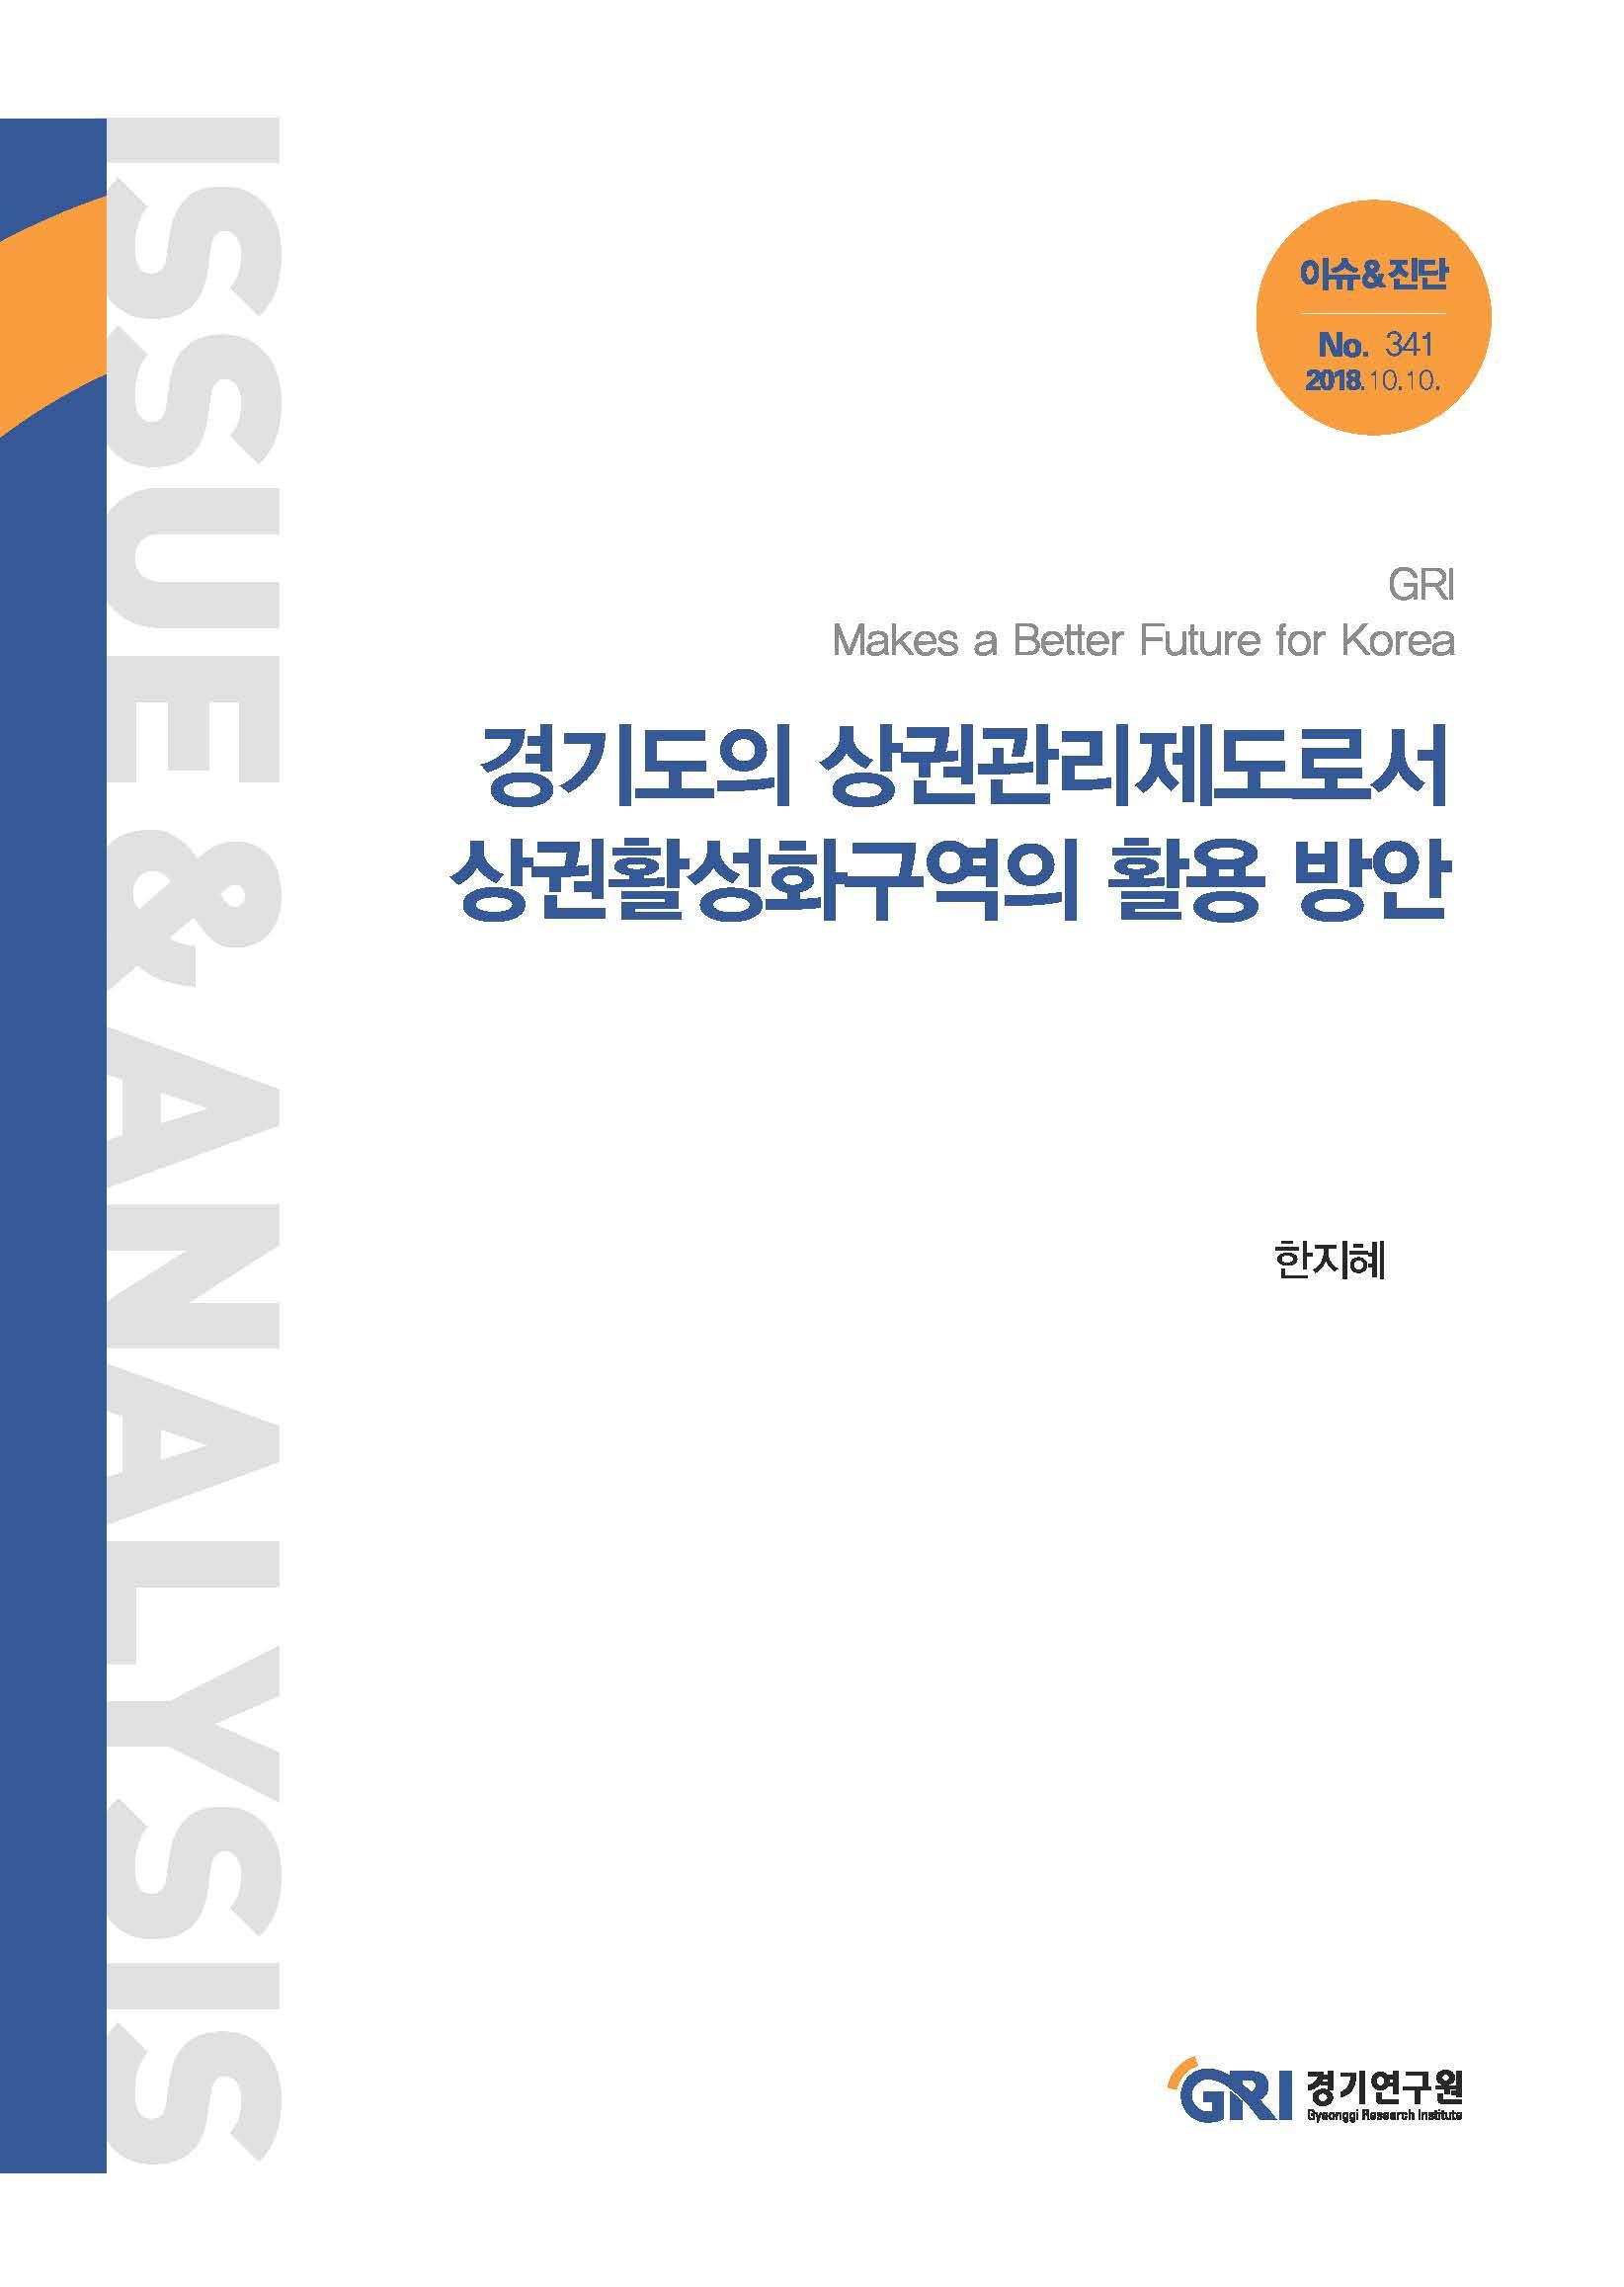 경기도의 상권관리제도로서 상권활성화구역의 활용 방안